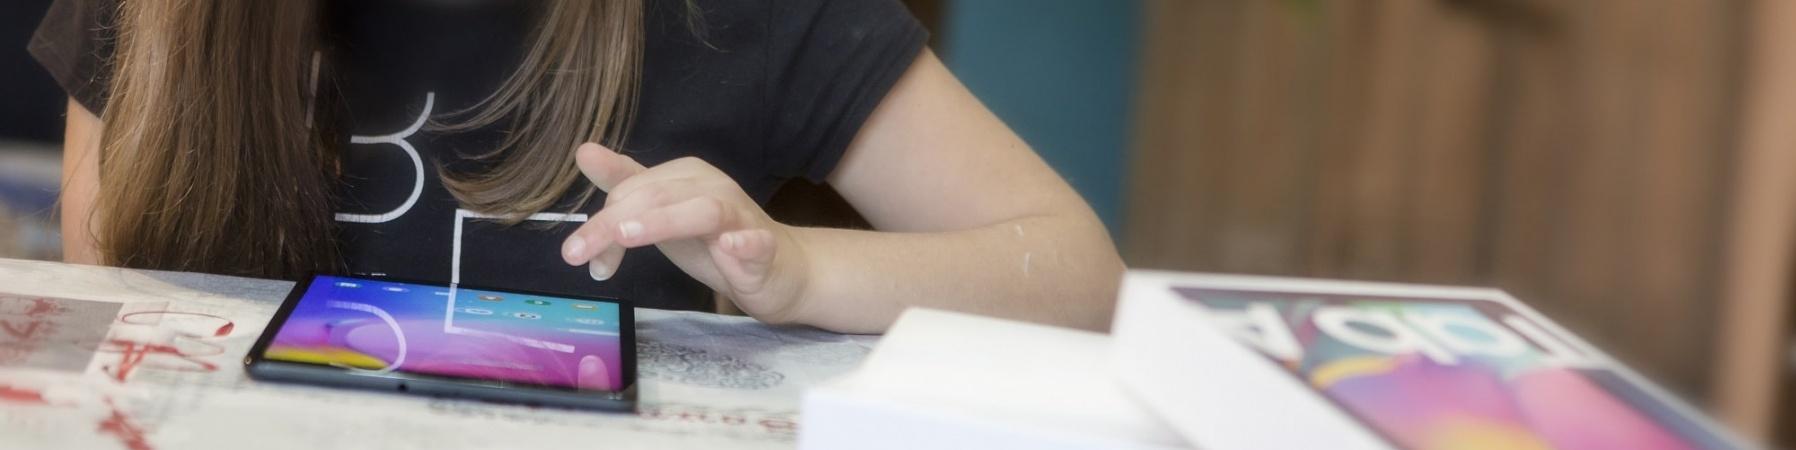 ragazza seduta alla scrivania studia sul suo tablet